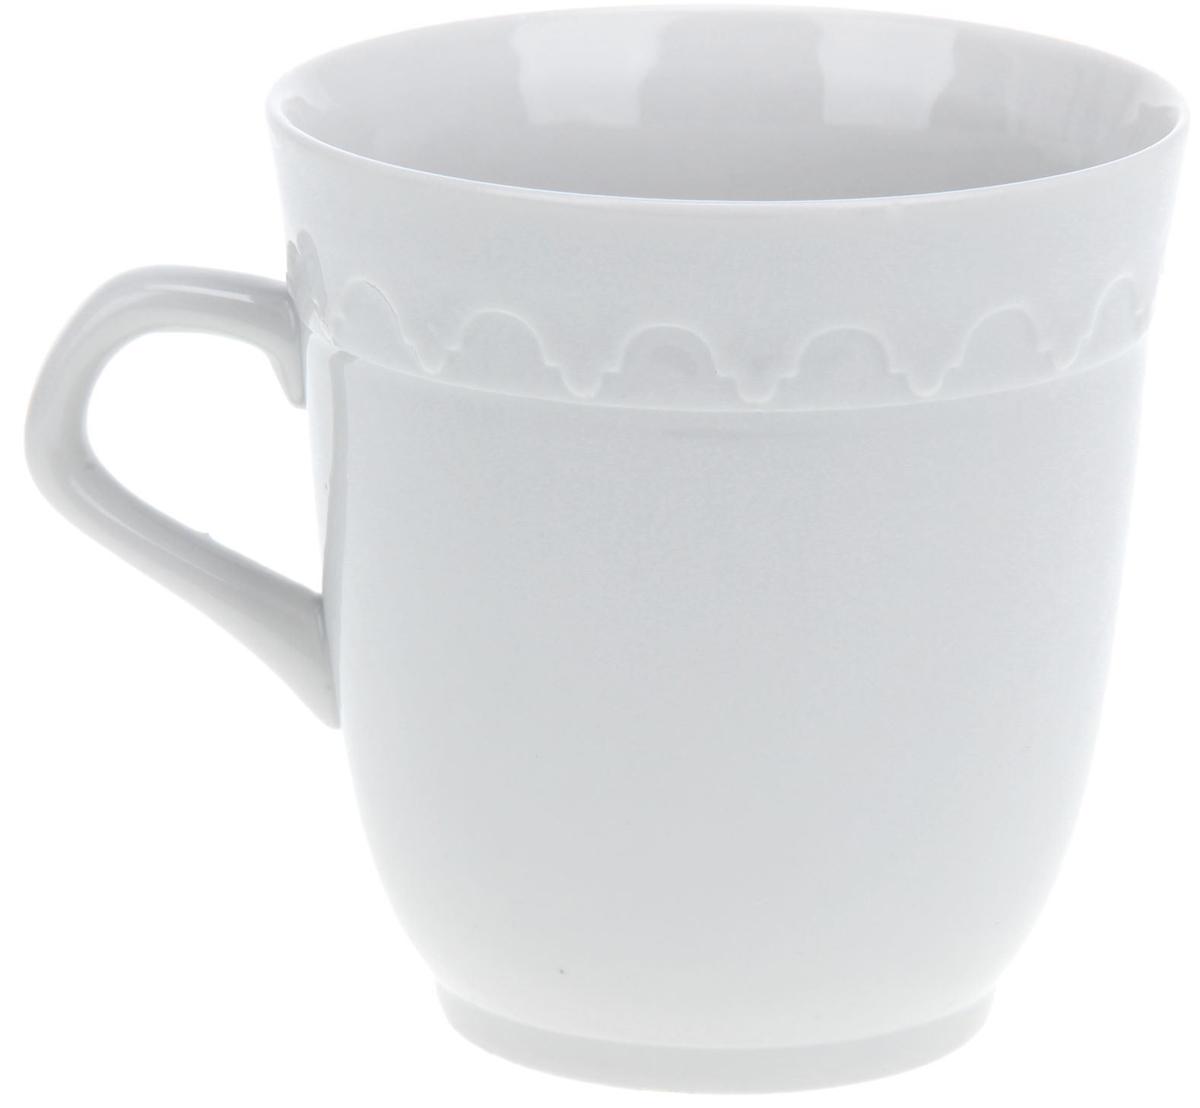 Кружка Фарфор Вербилок Арабеска, 250 мл. 13331811333181Кружка Фарфор Вербилок способна скрасить любое чаепитие. Изделие выполнено из высококачественного фарфора. Посуда из такого материала позволяет сохранить истинный вкус напитка, а также помогает ему дольше оставаться теплым.